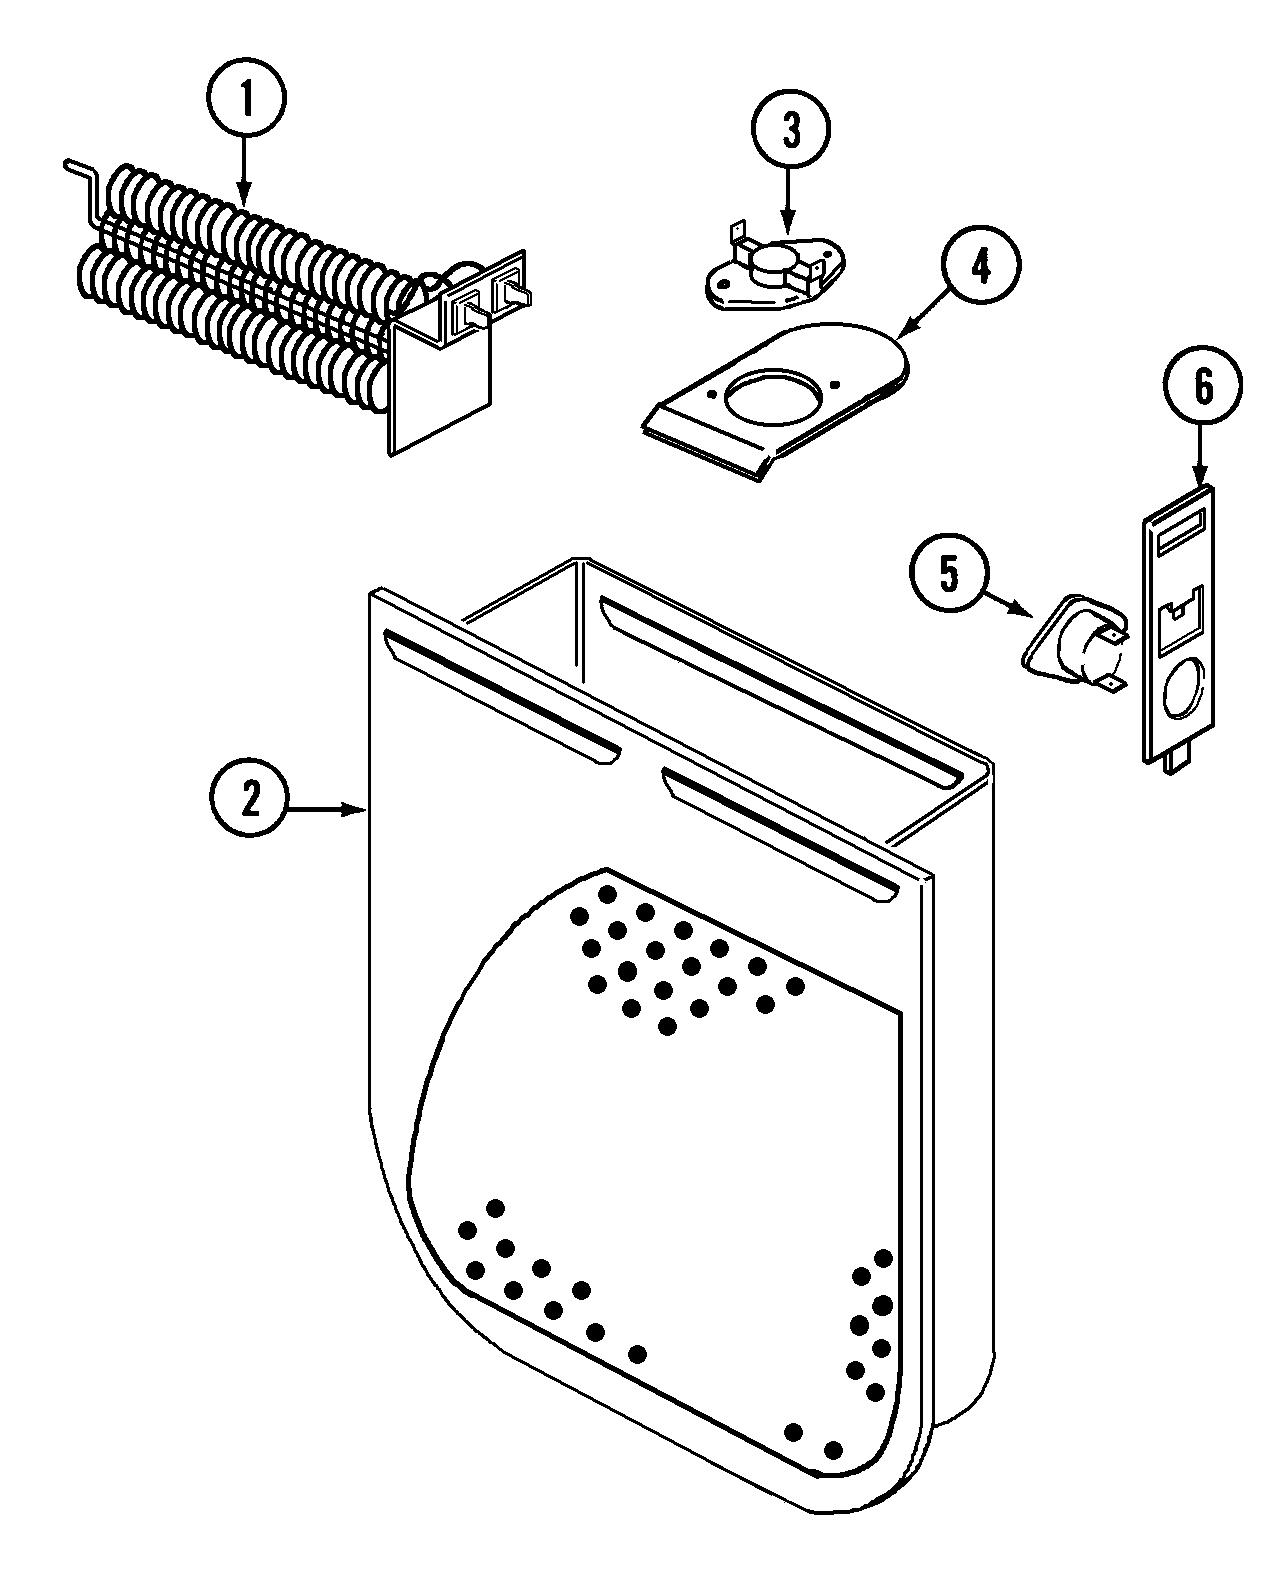 medium resolution of maytag pye4500ayw heater diagram